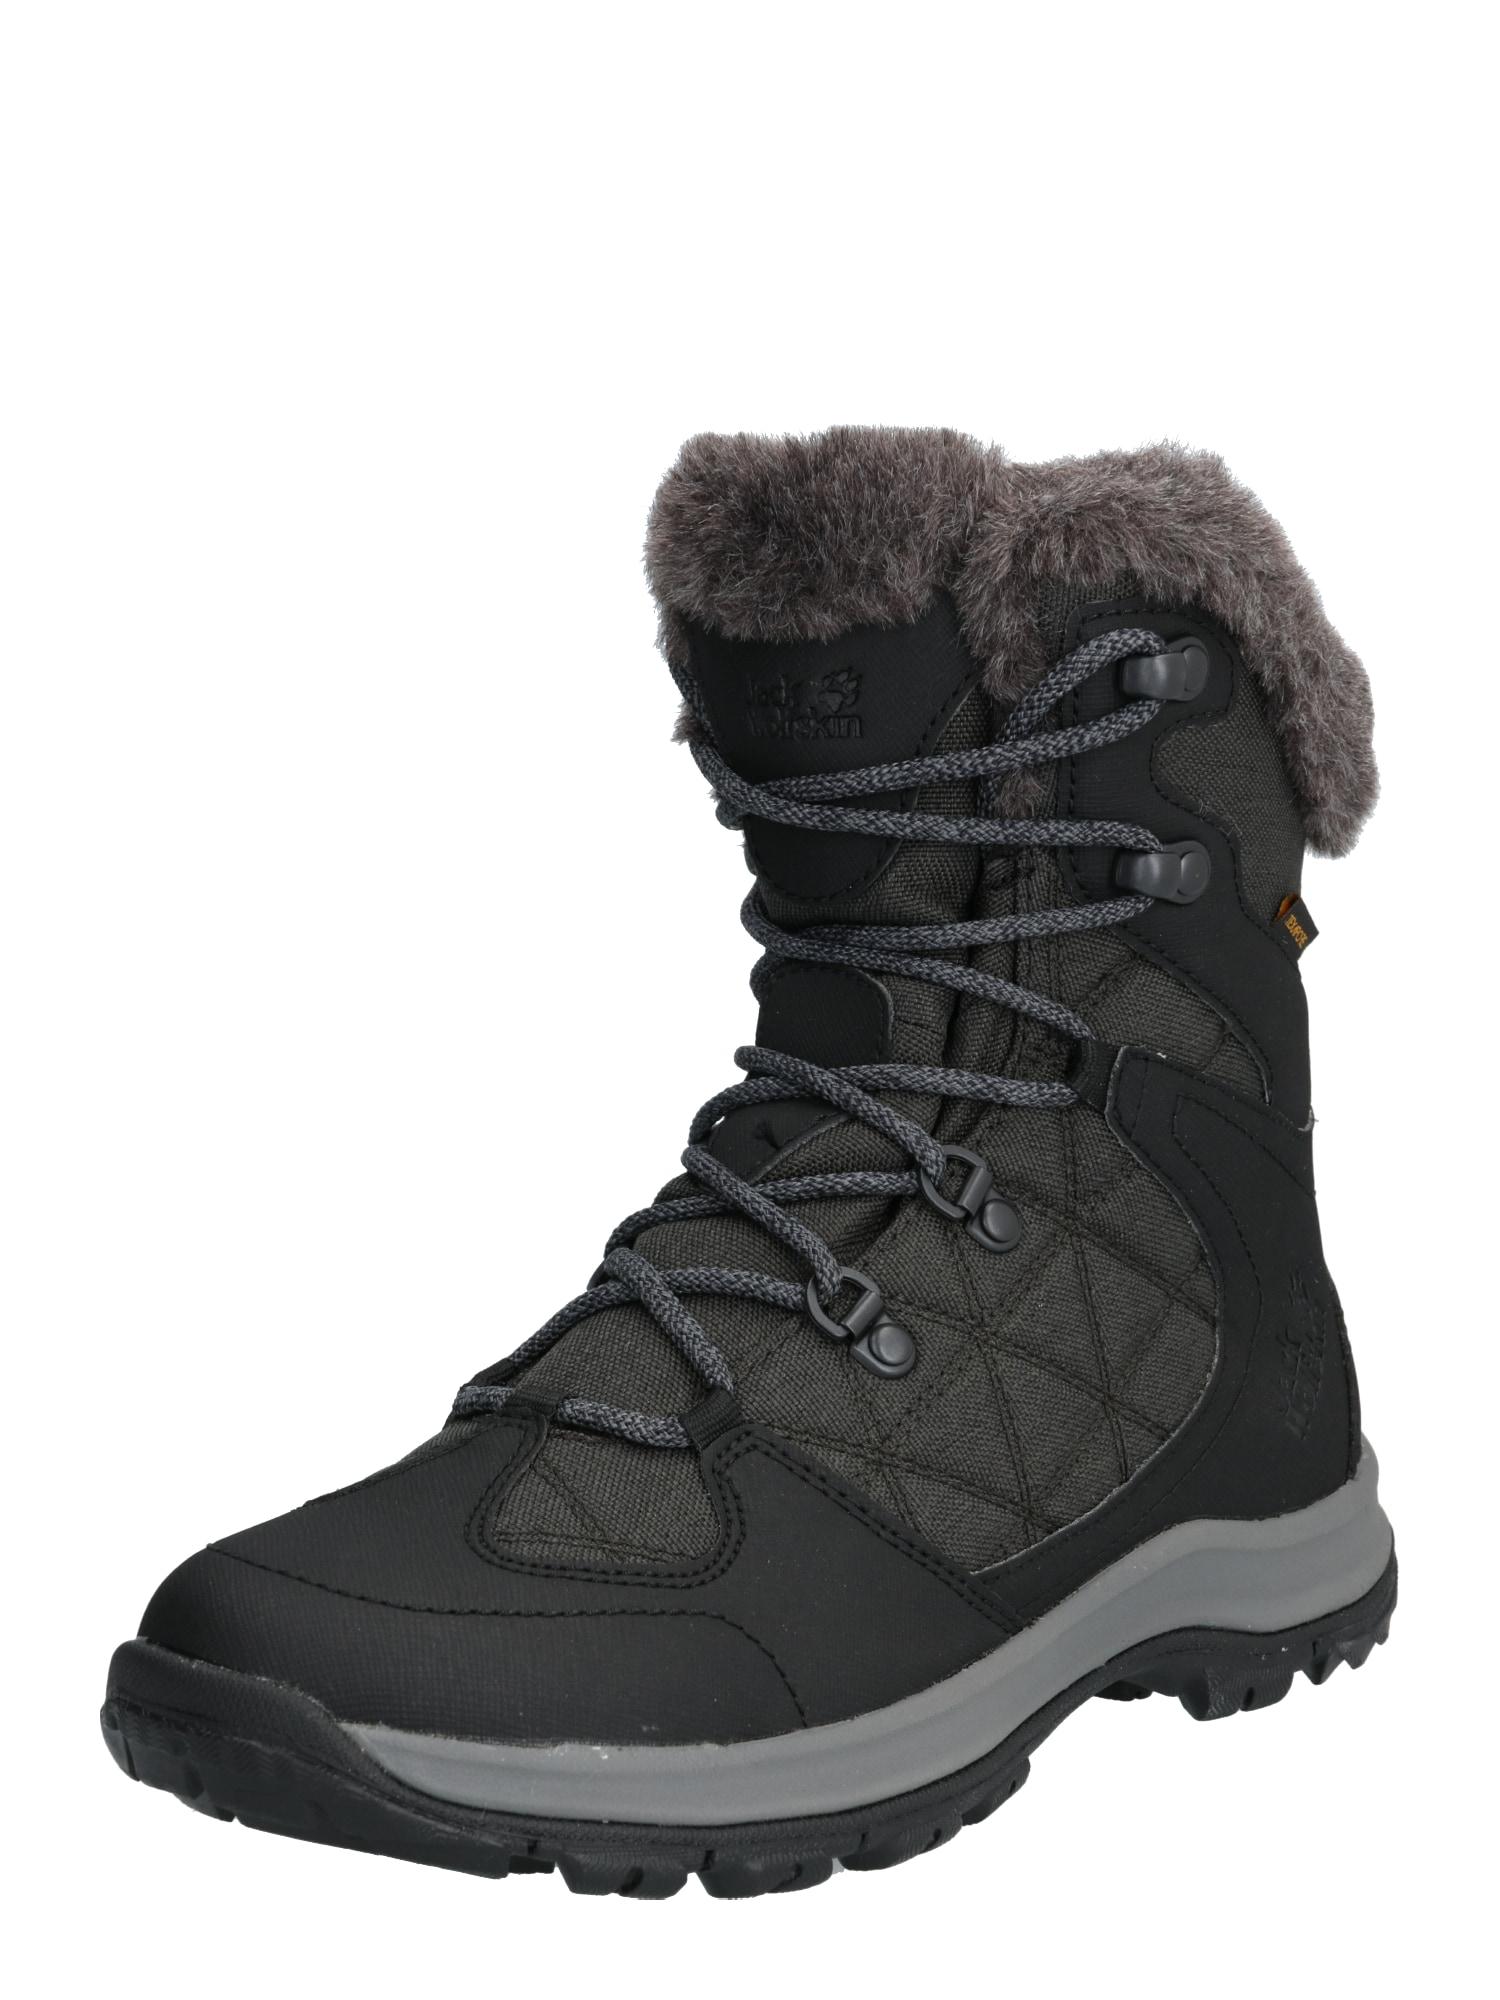 Outdoorwinterstiefel 'Thunder Bay Texapore Mid' | Schuhe > Outdoorschuhe > Outdoorwinterstiefel | Anthrazit - Schwarz | Jack Wolfskin